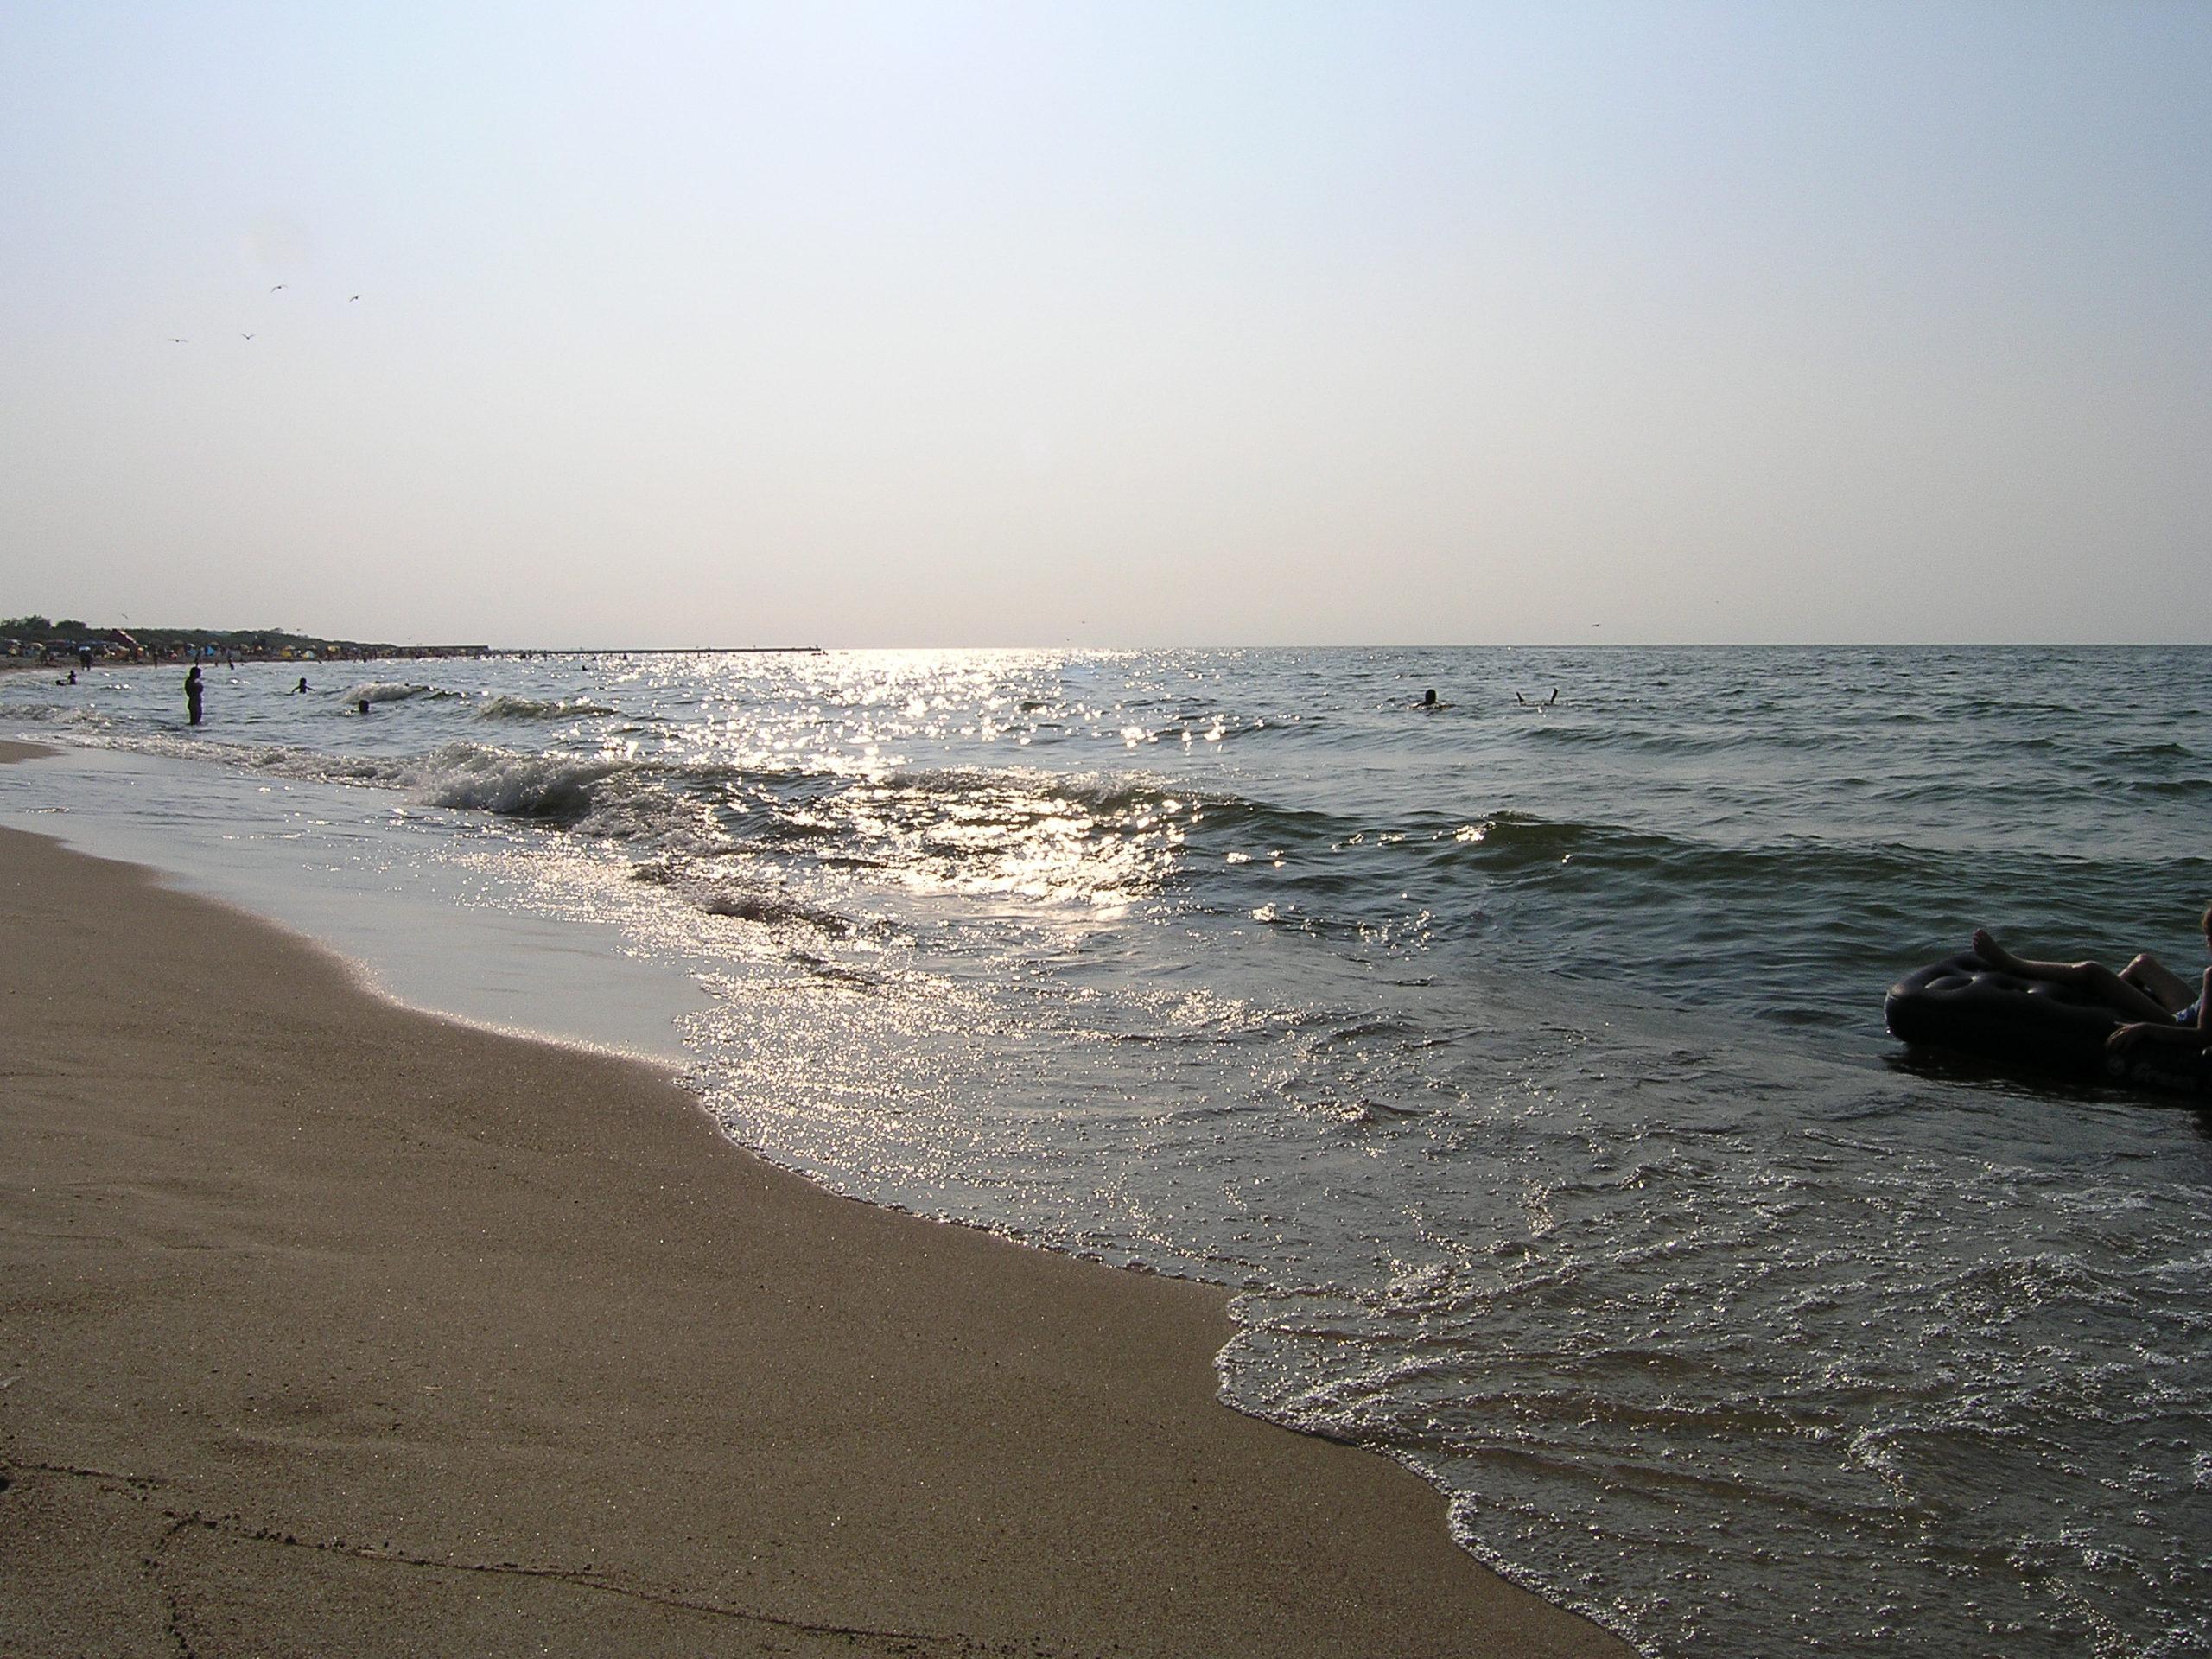 Łeba widok na plażę i morze